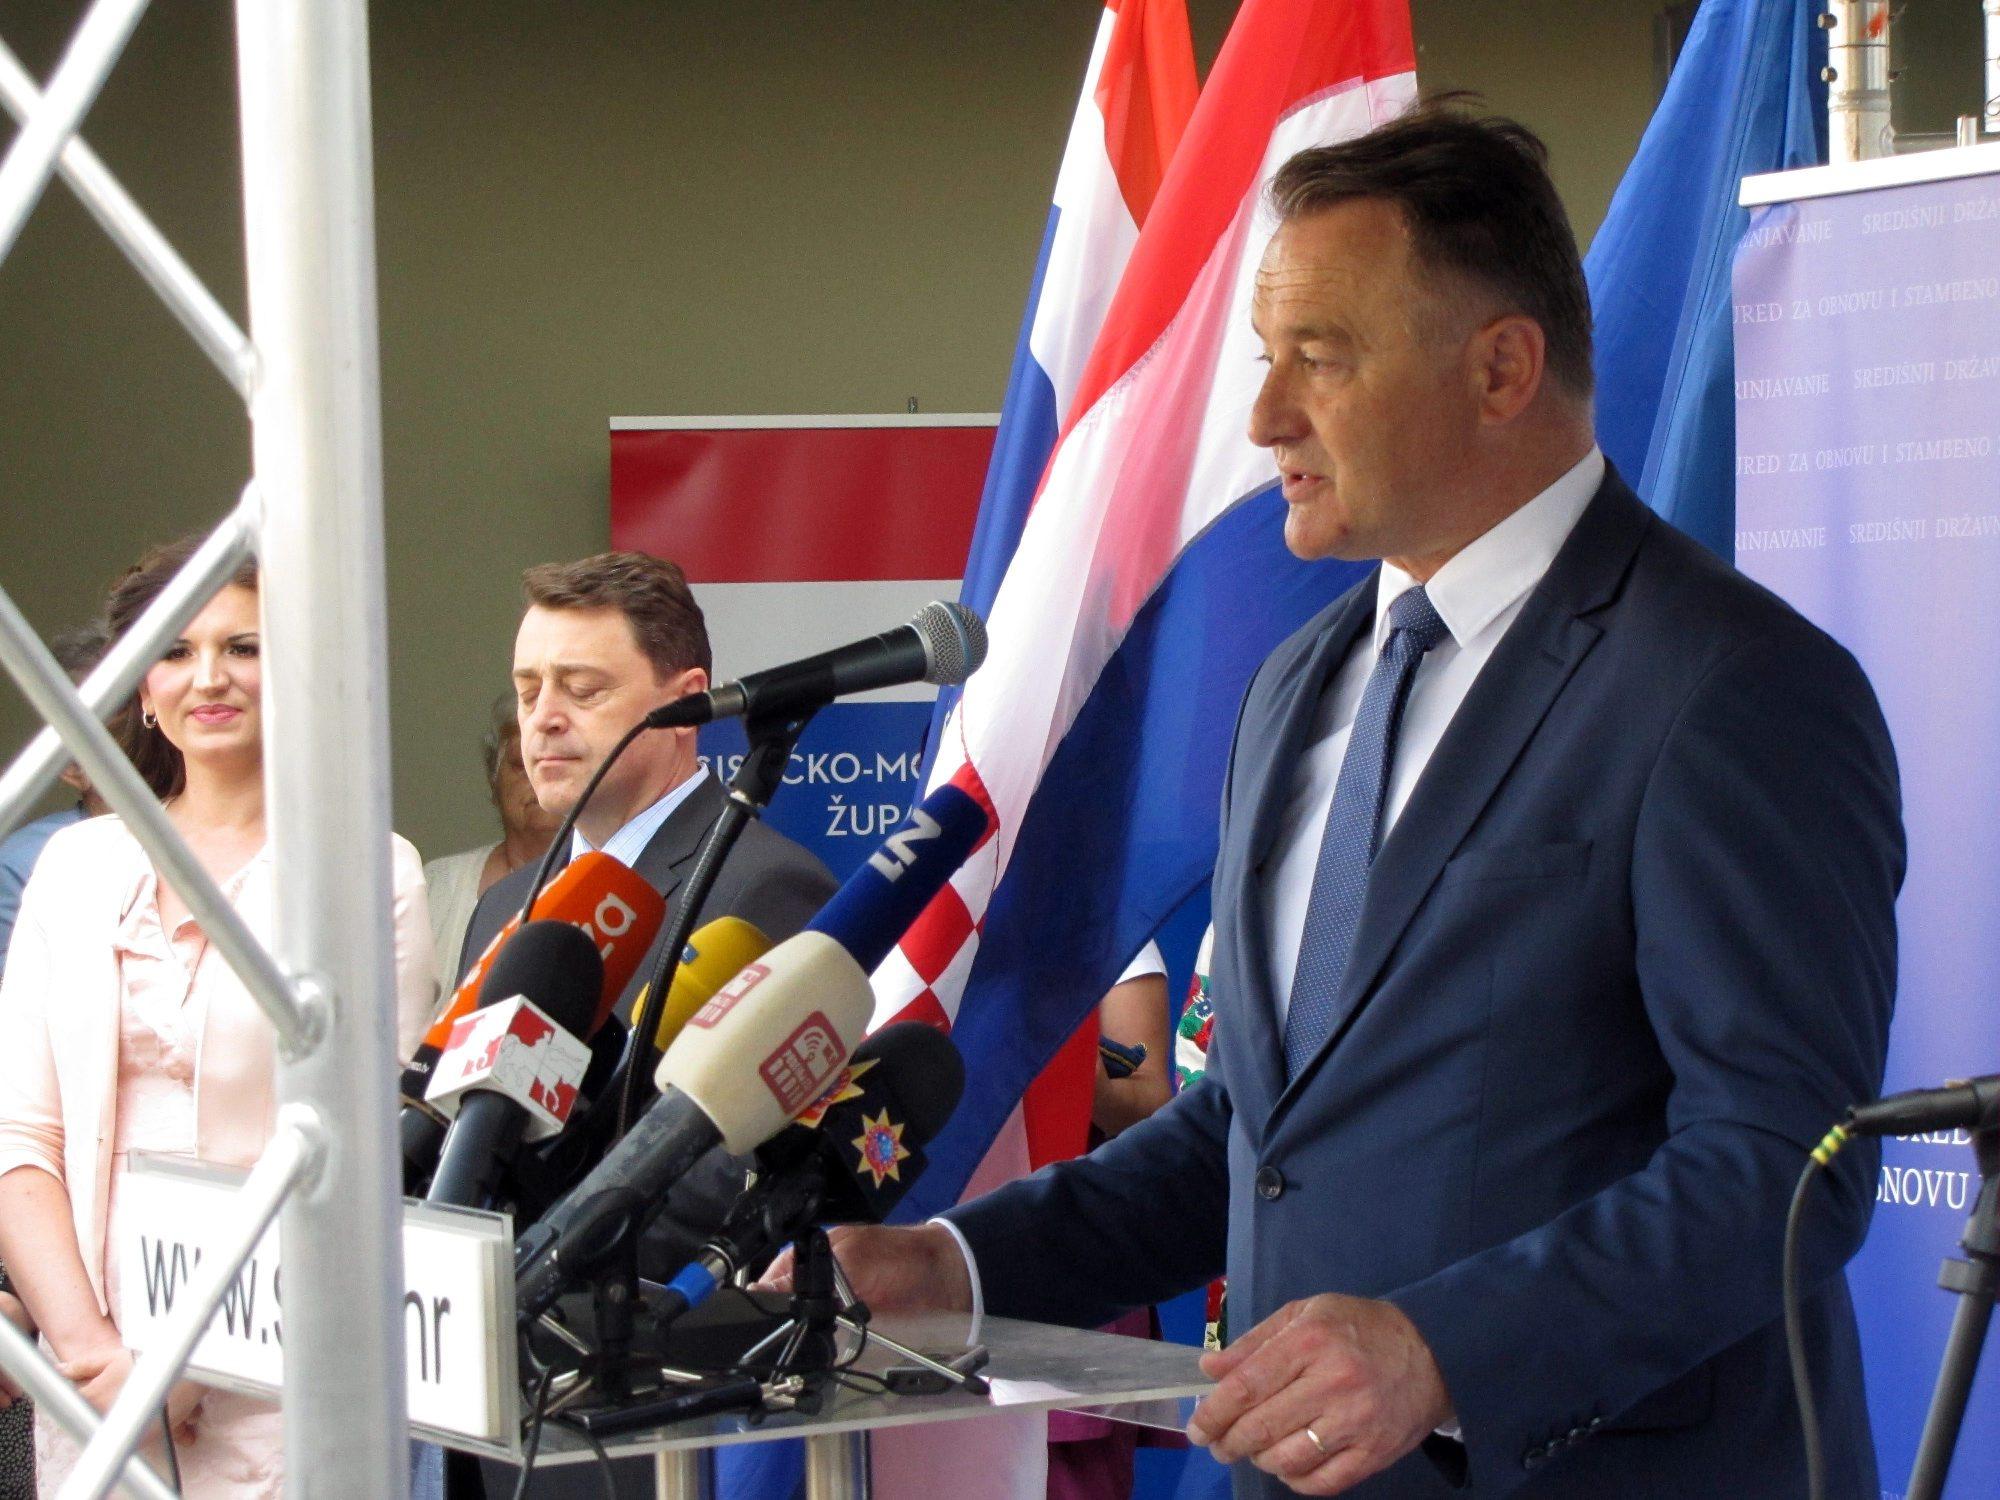 Na fotografiji: Župan Ivo Žinić